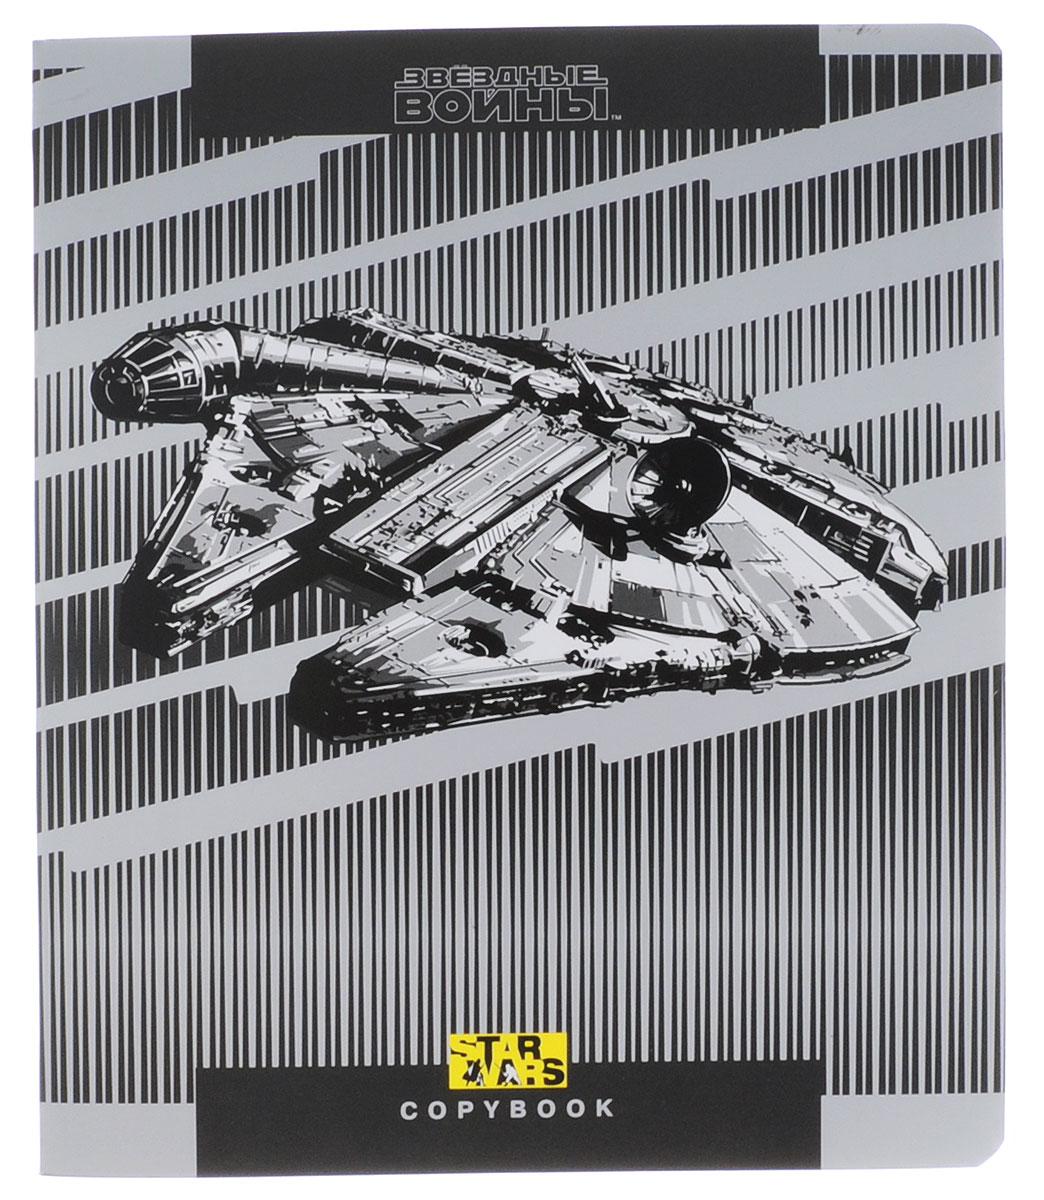 Star Wars Тетрадь 48 листов в клетку дизайн 139587_дизайн1Тетрадь Star Wars отлично подойдет для занятий школьнику, студенту, а также для различных записей. Обложка, выполненная из ламинированного картона, оформлена изображением космического корабля из культовой фантастической саги Звездные войны. Внутренний блок тетради, соединенный двумя металлическими скрепками, состоит из 48 листов белой бумаги. Стандартная линовка в клетку голубого цвета дополнена полями, совпадающими с лицевой и оборотной стороны листа.